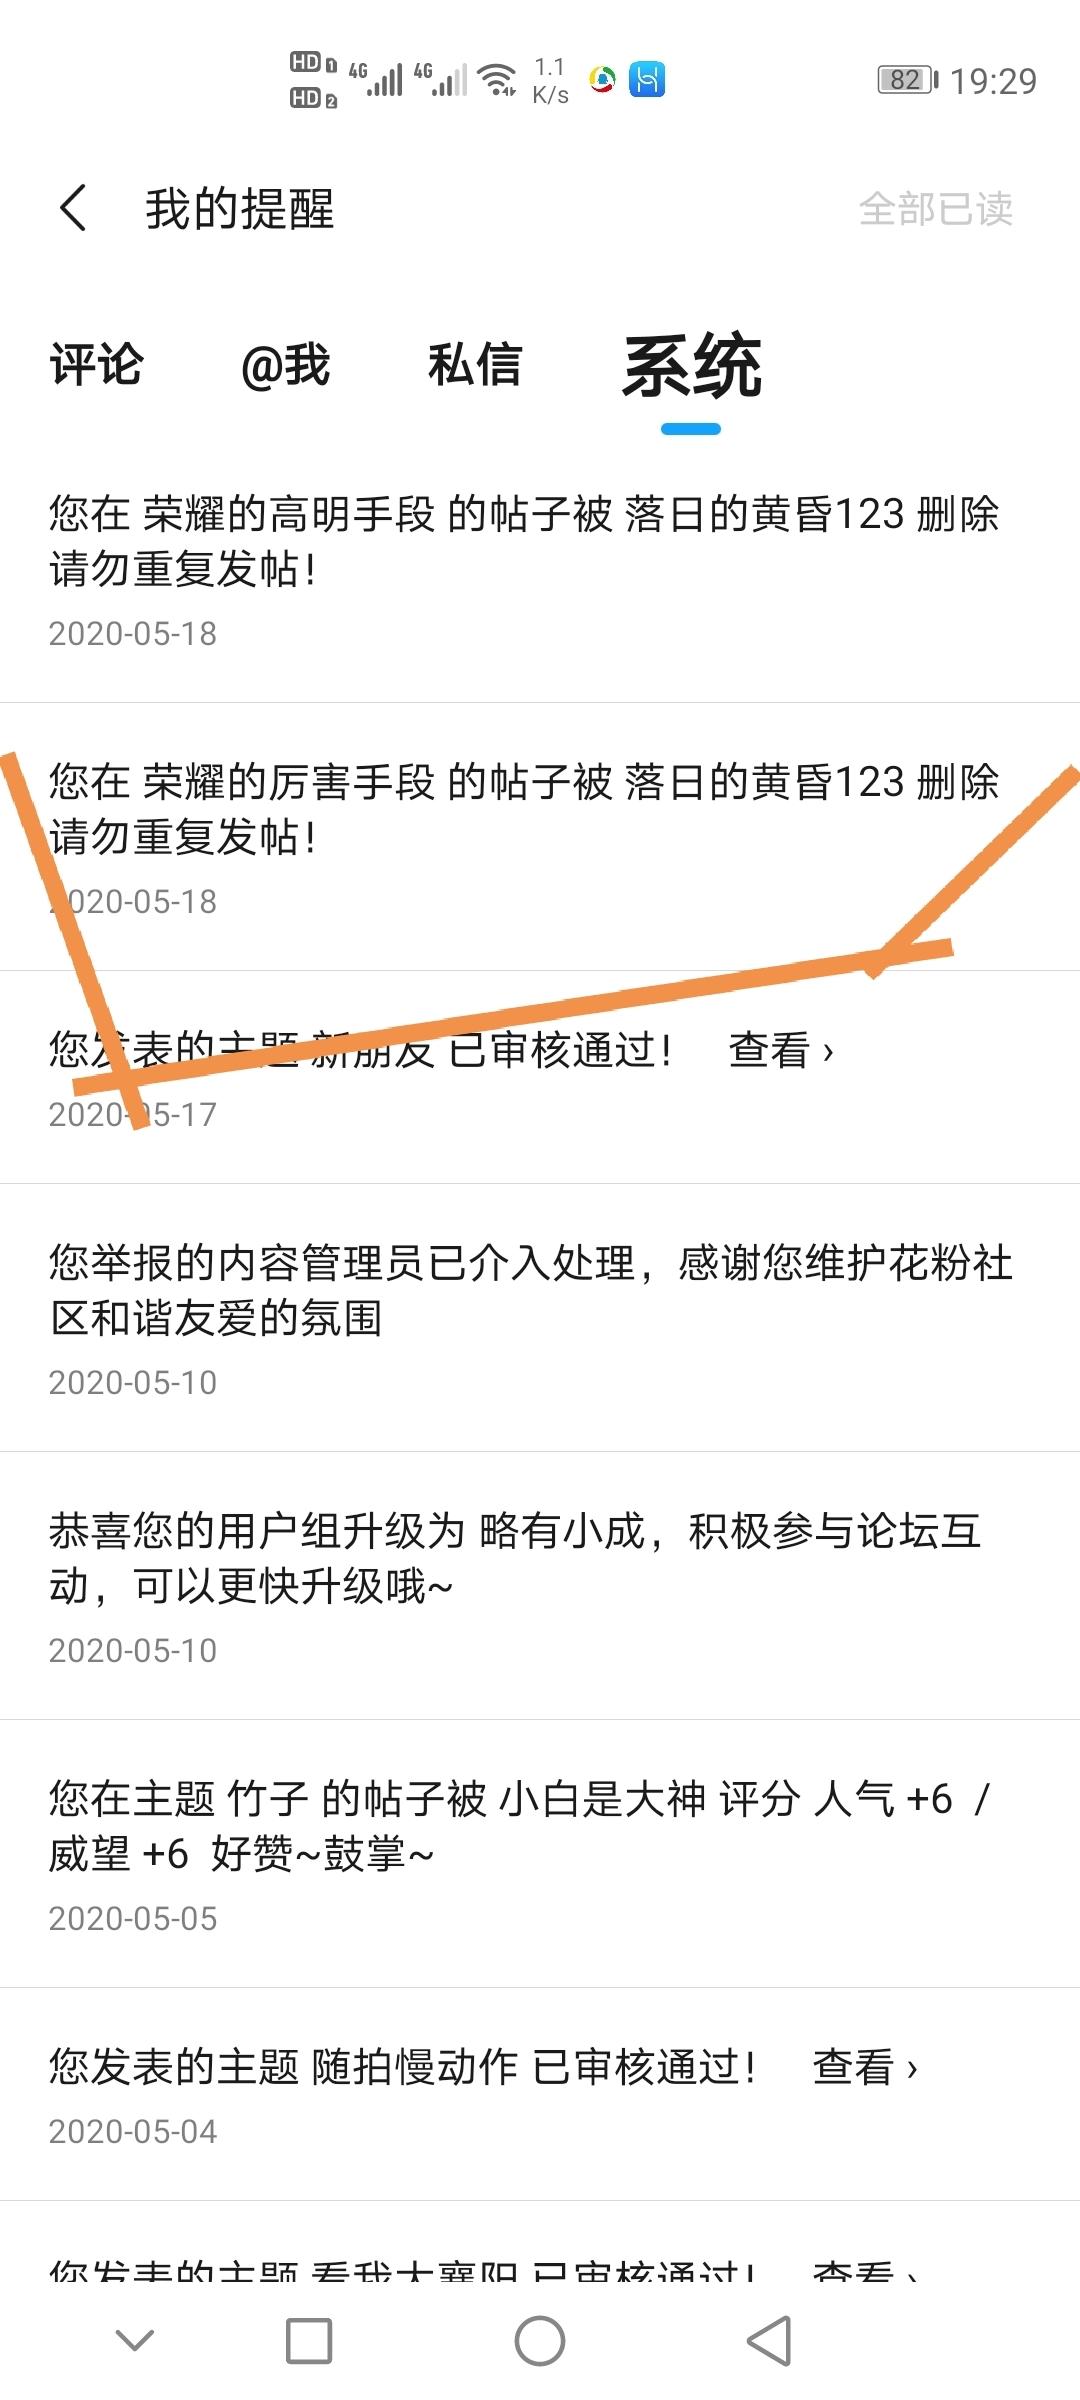 Screenshot_20200518_193016.jpg